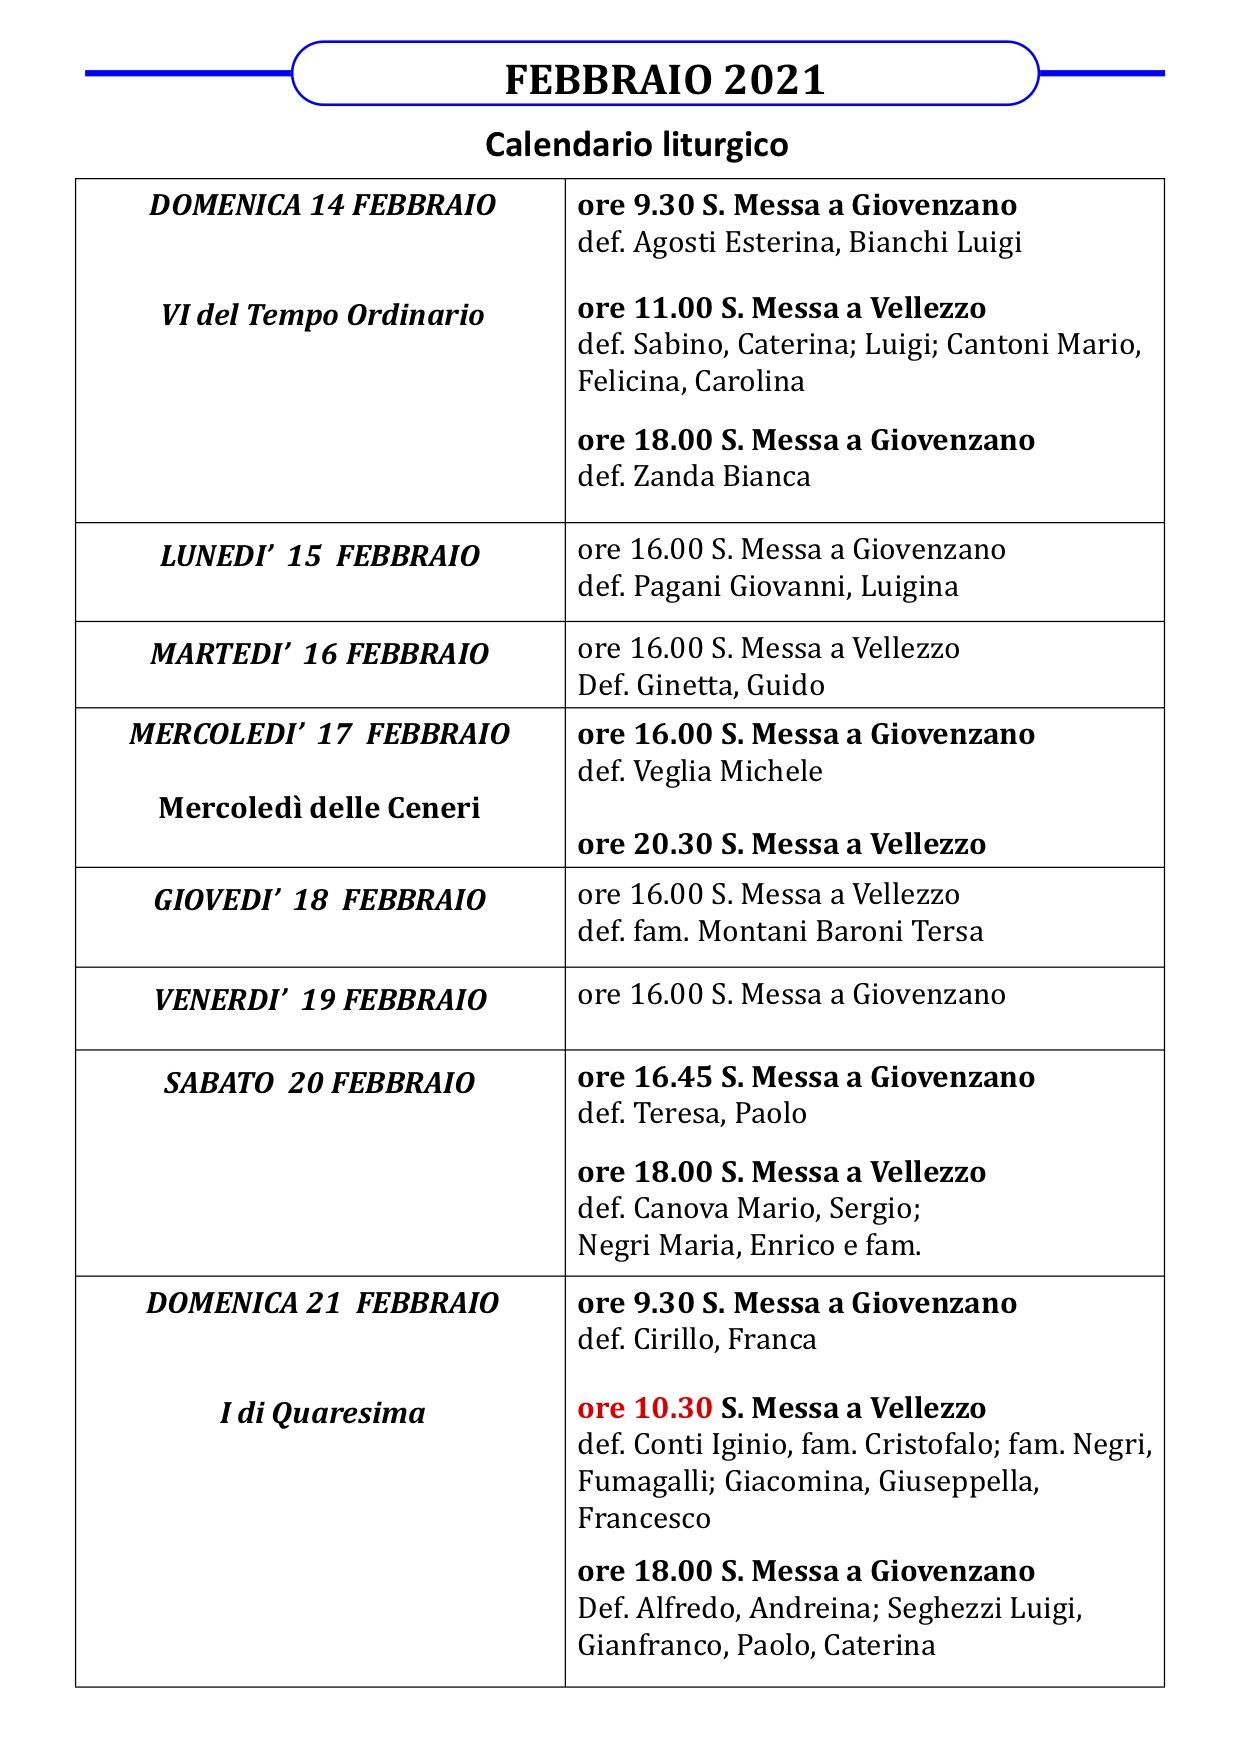 Calendario Liturgico dal 14 al 21 febbraio